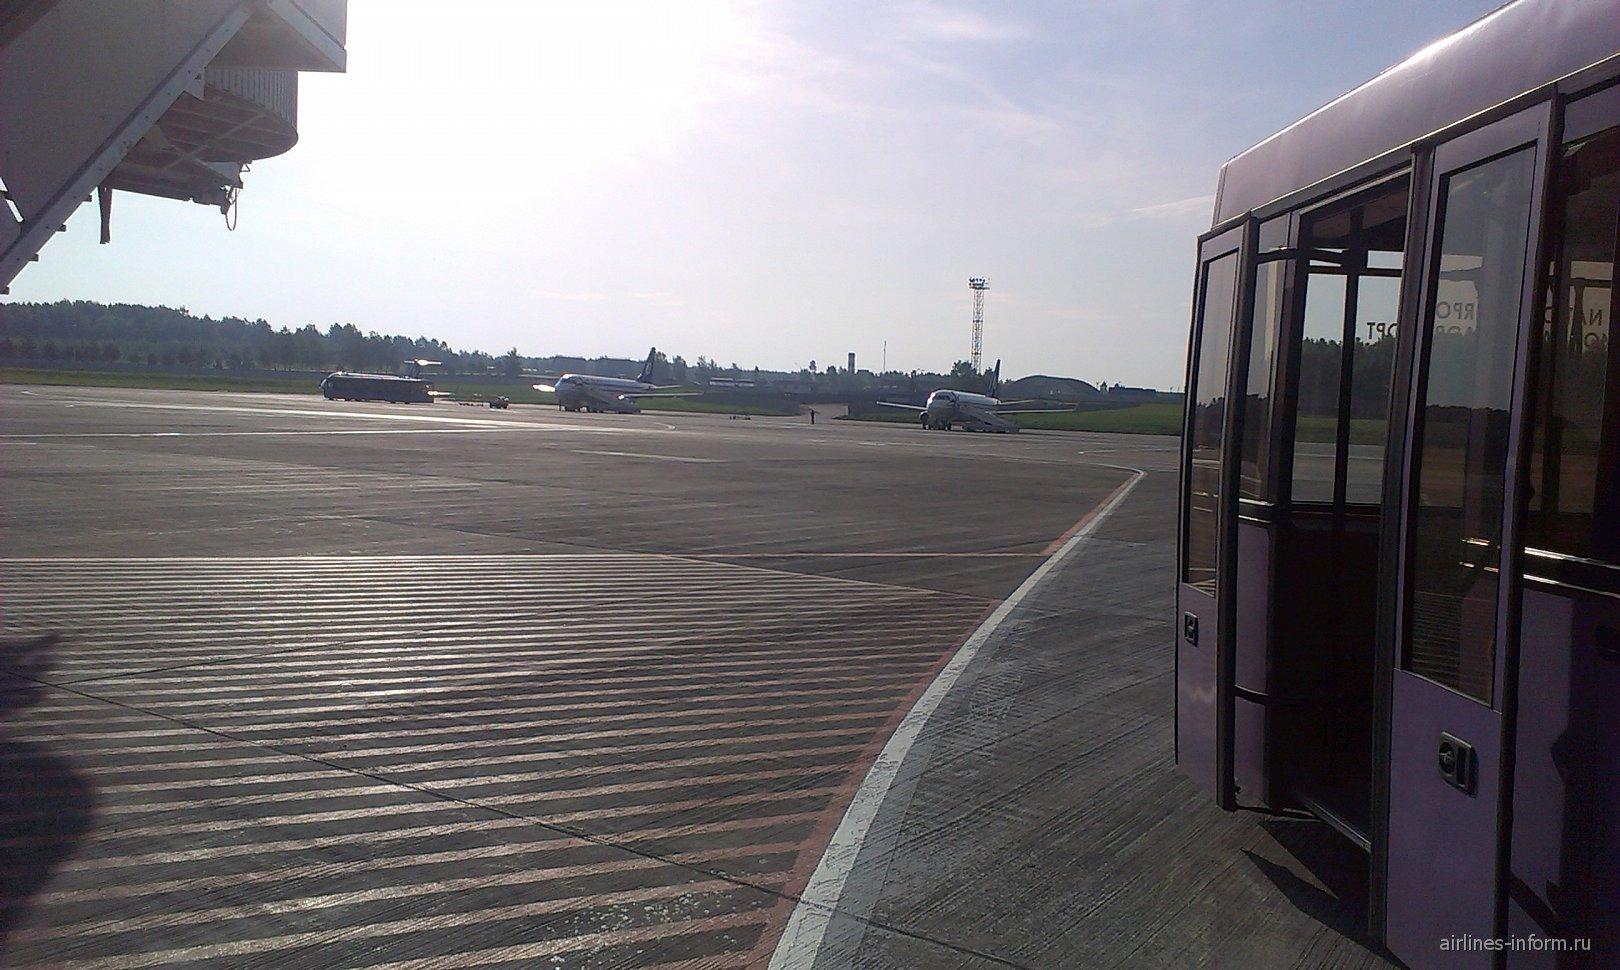 Из какого терминала домодедово вылеты в минске